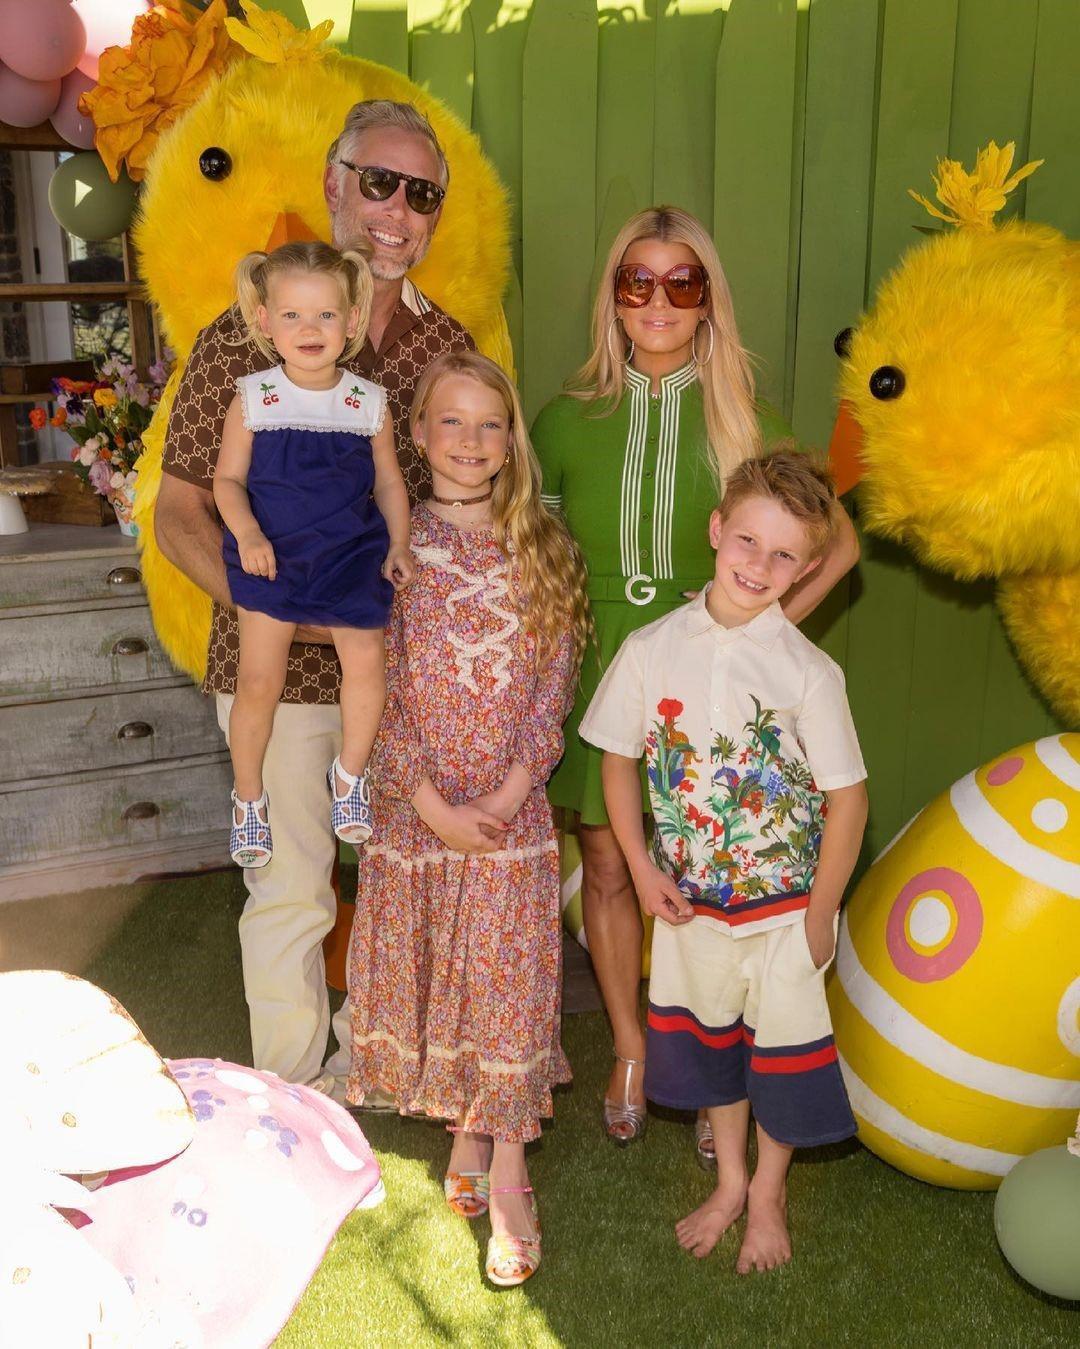 Джессика Симпсон рассказала о том, какую хорошую привычку следует прививать детям